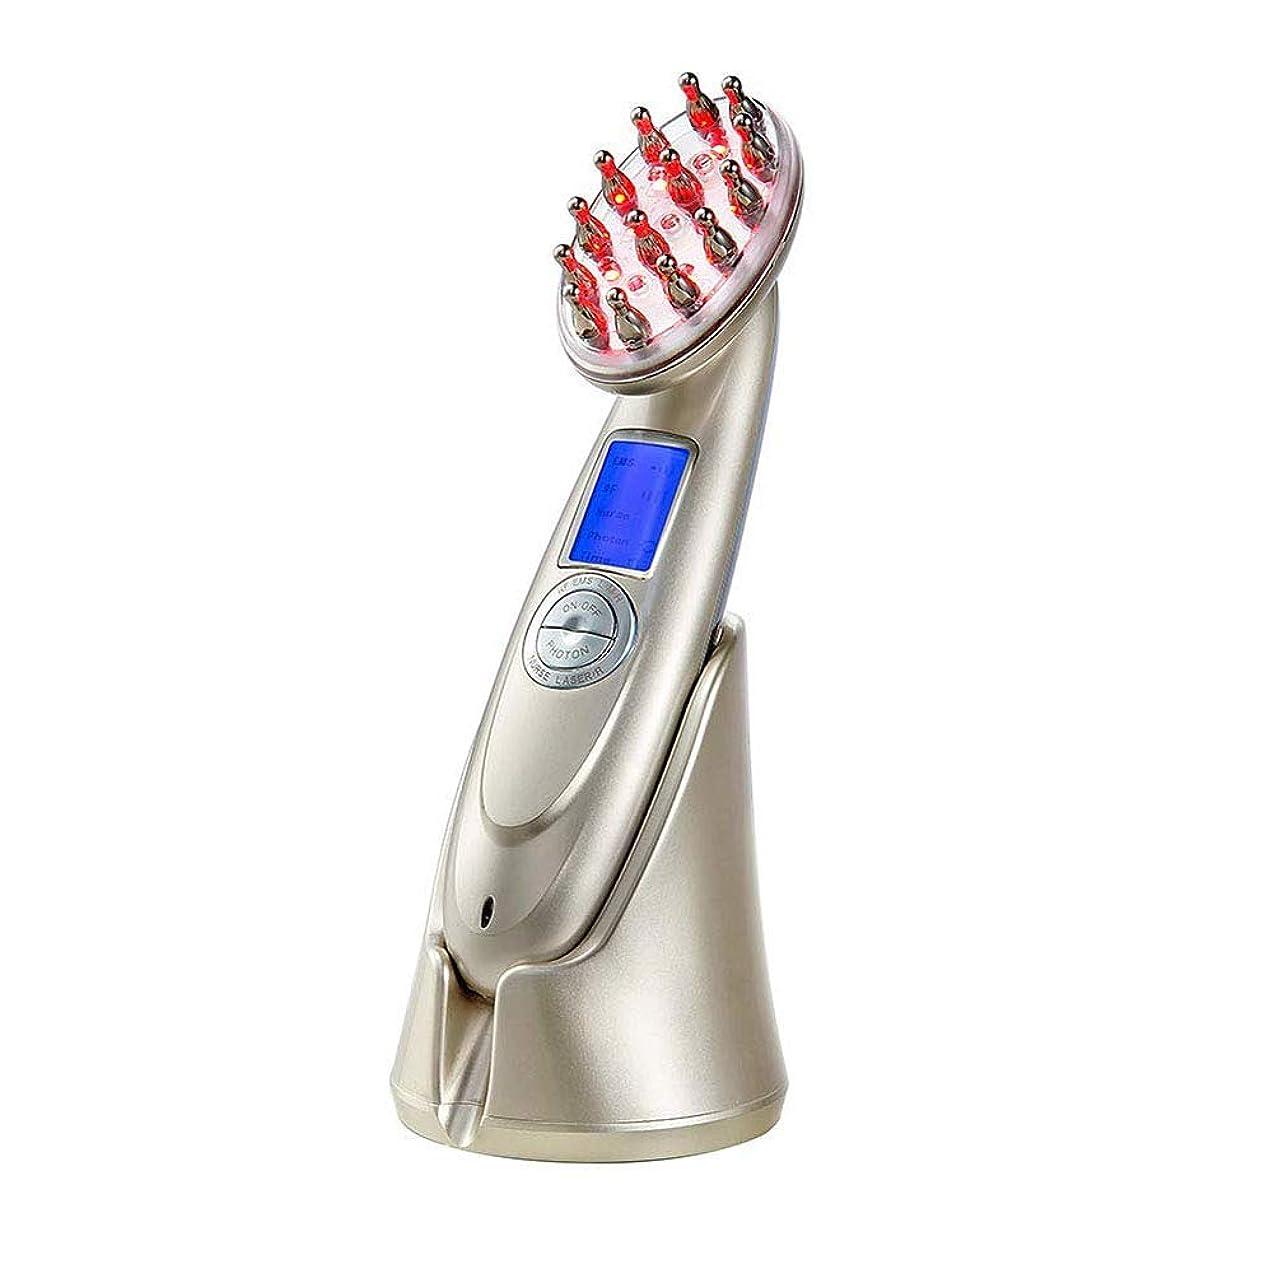 叫び声失礼な代表する髪の成長櫛電気抗毛損失治療マッサージヘア再生ブラシ無線周波数職業 EMS Led フォトンライトセラピー櫛